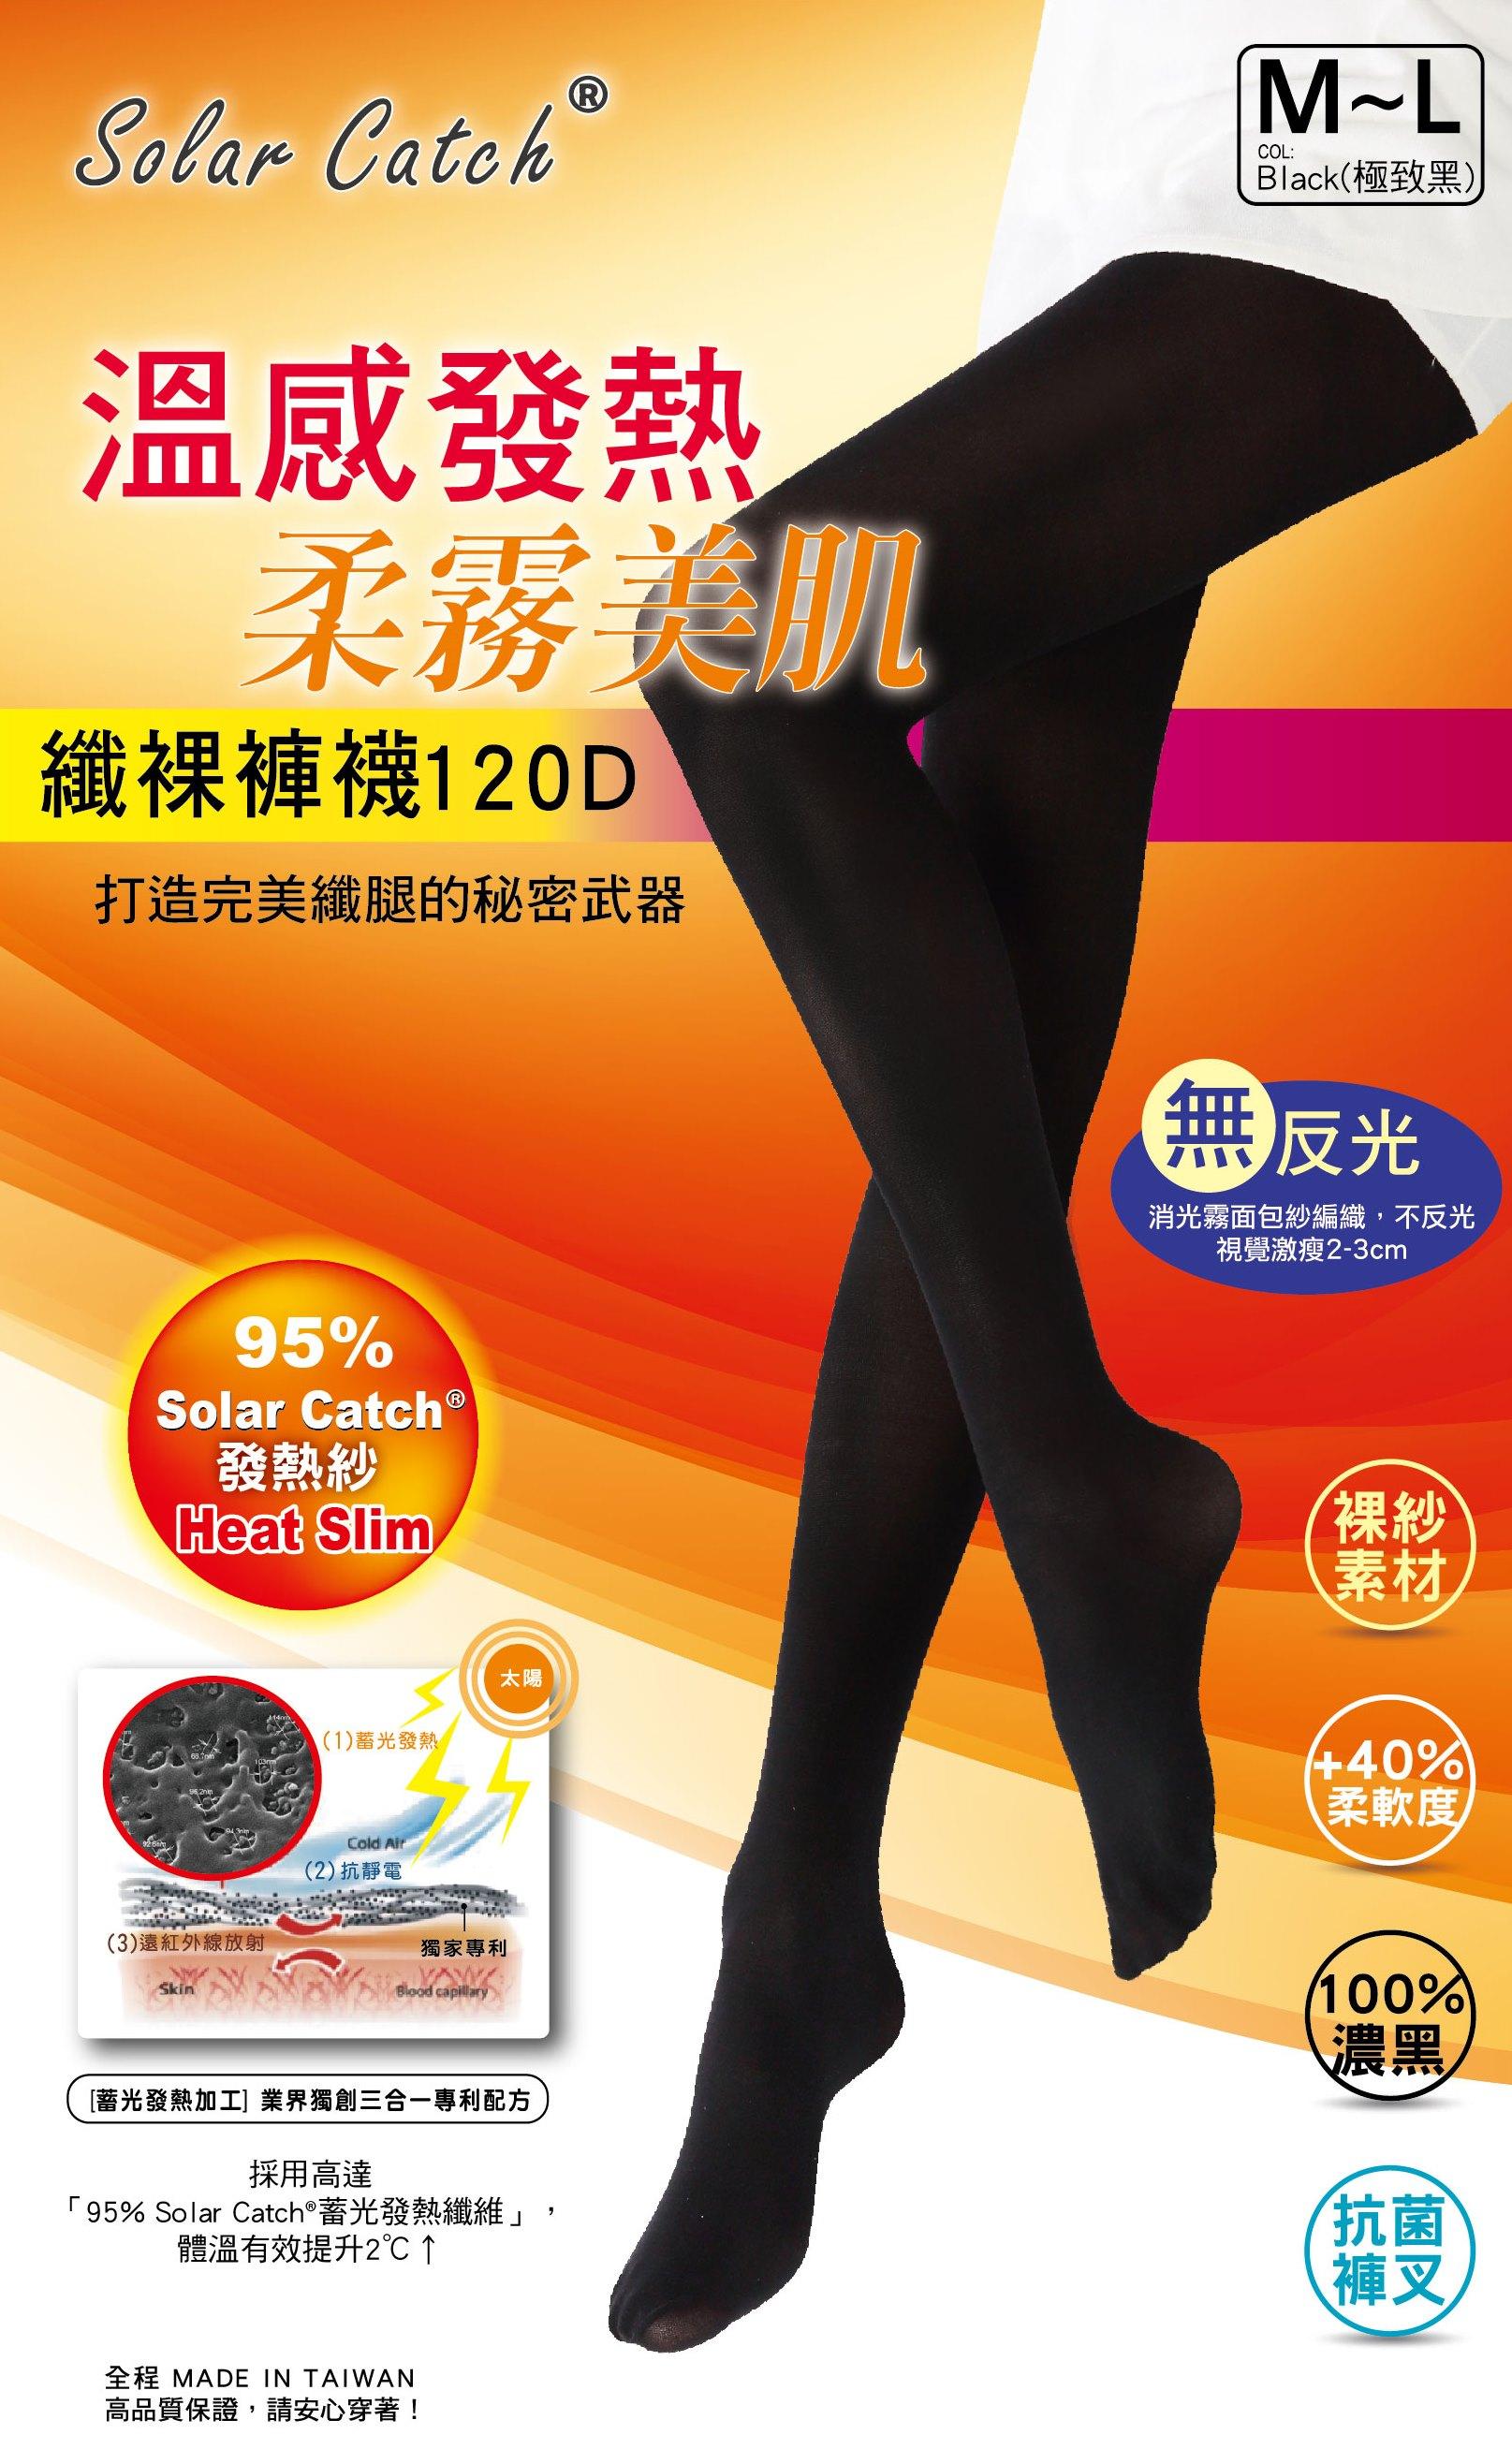 限時特賣商品~【Solar Catch®】纖腿必備~溫感發熱‧柔霧美肌 無反光纖裸褲襪120D (100%濃黑)